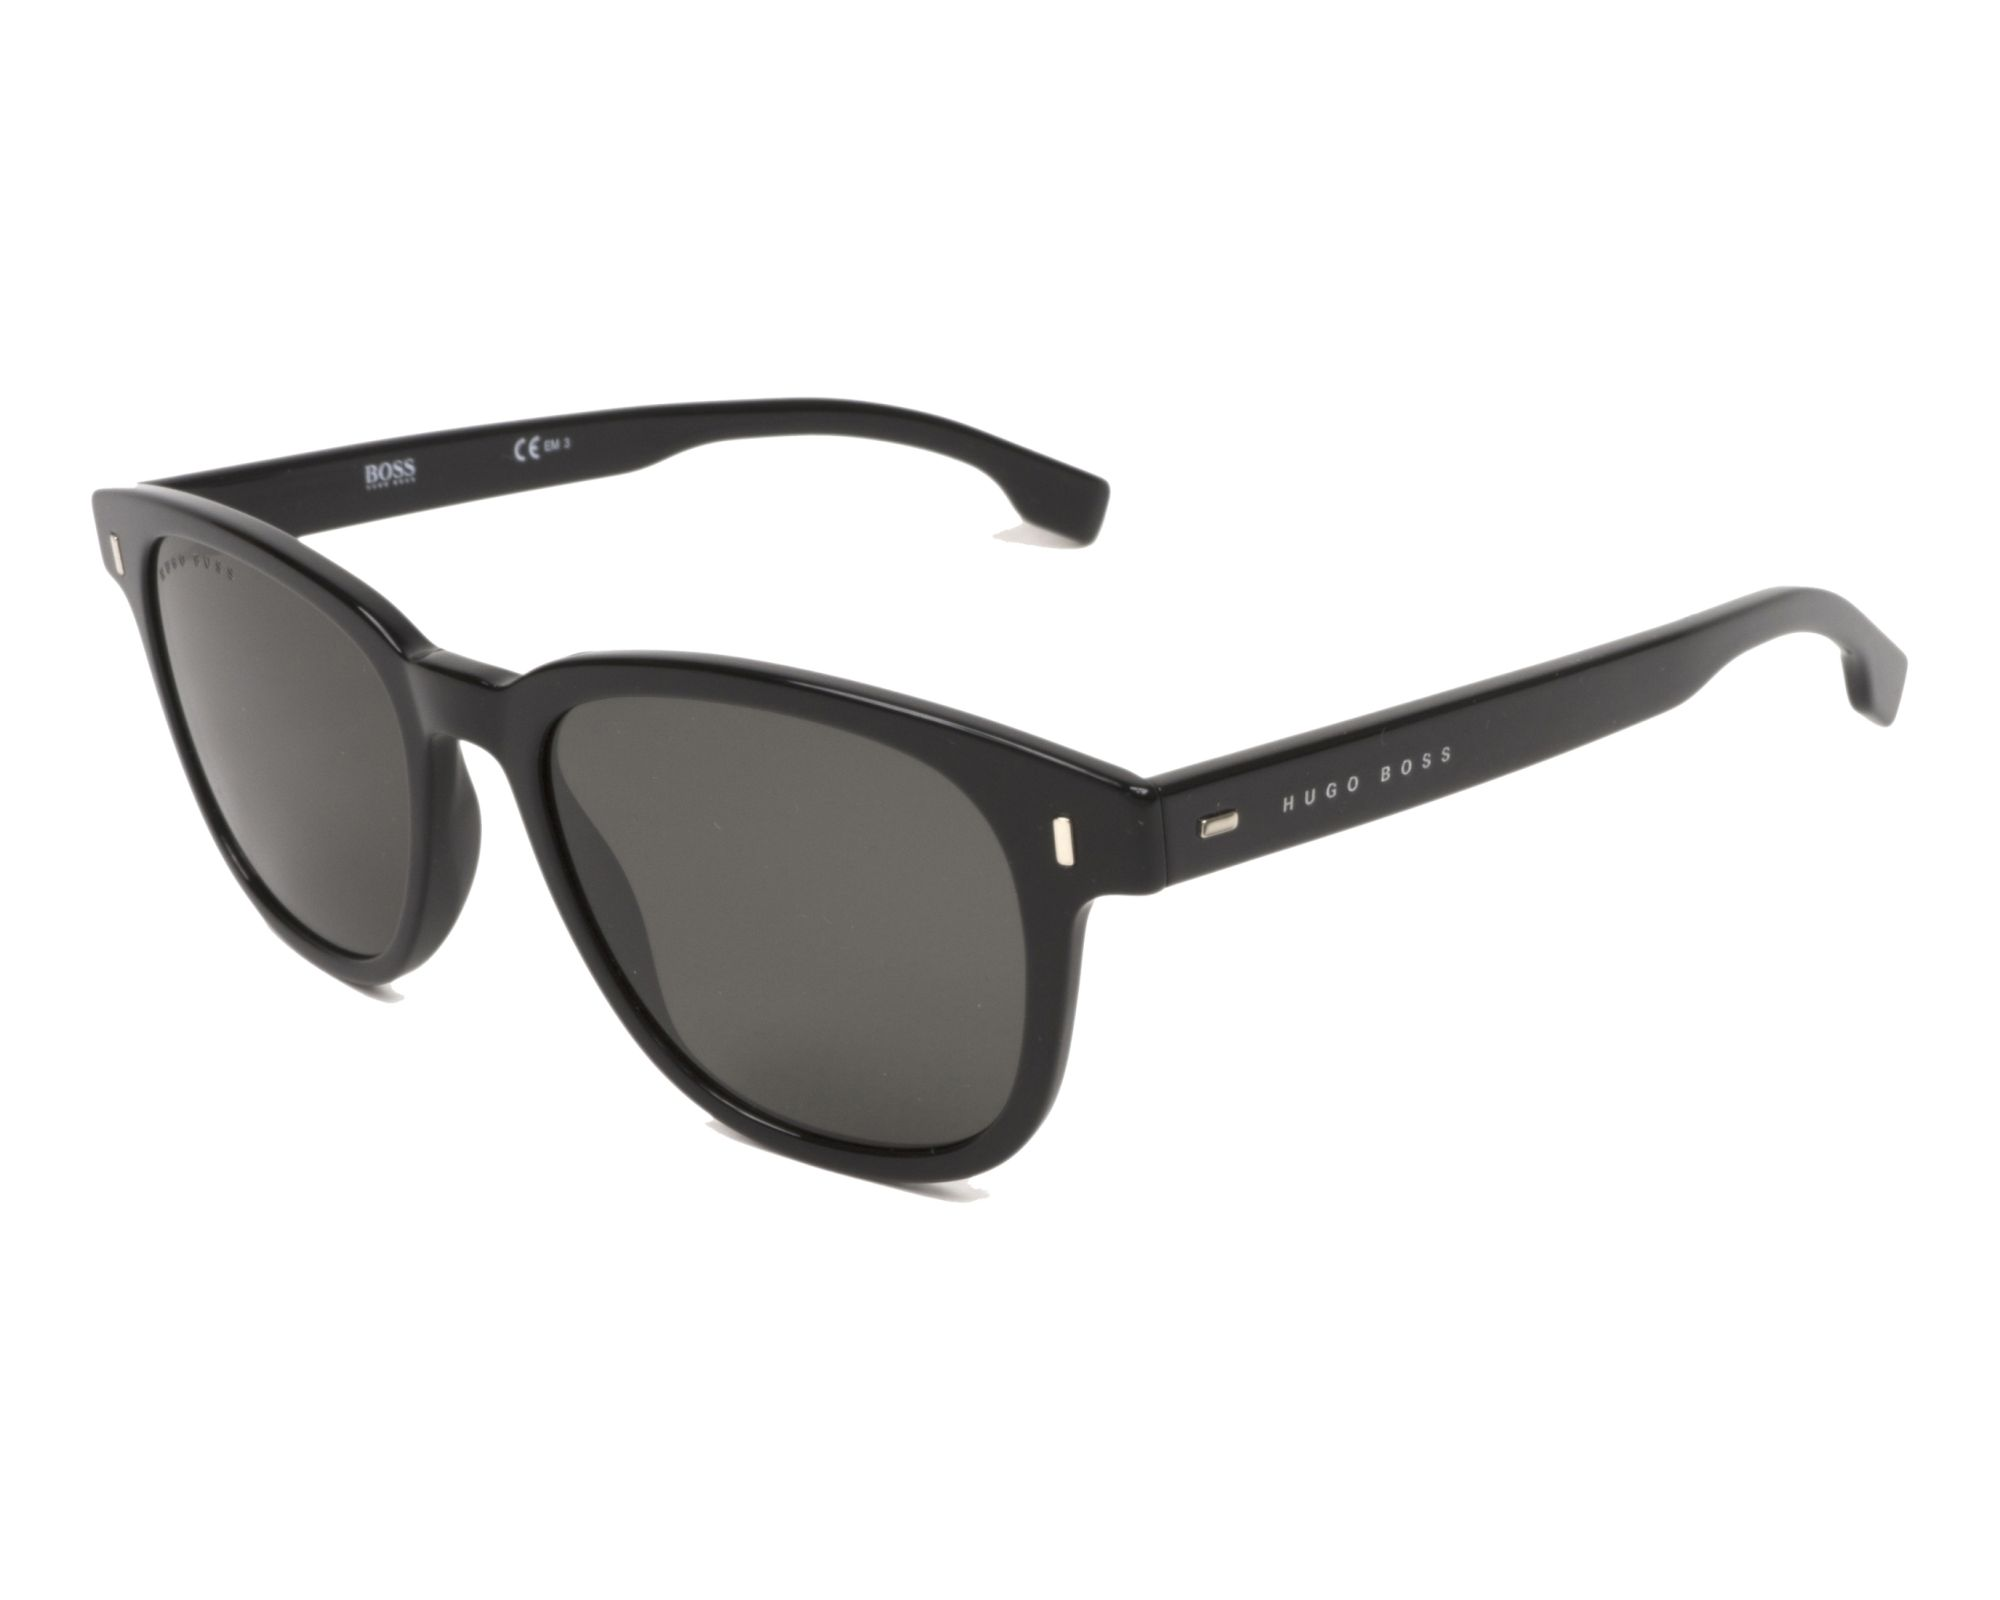 Hugo Boss Sonnenbrillen BOSS 807/IR 30BeNr